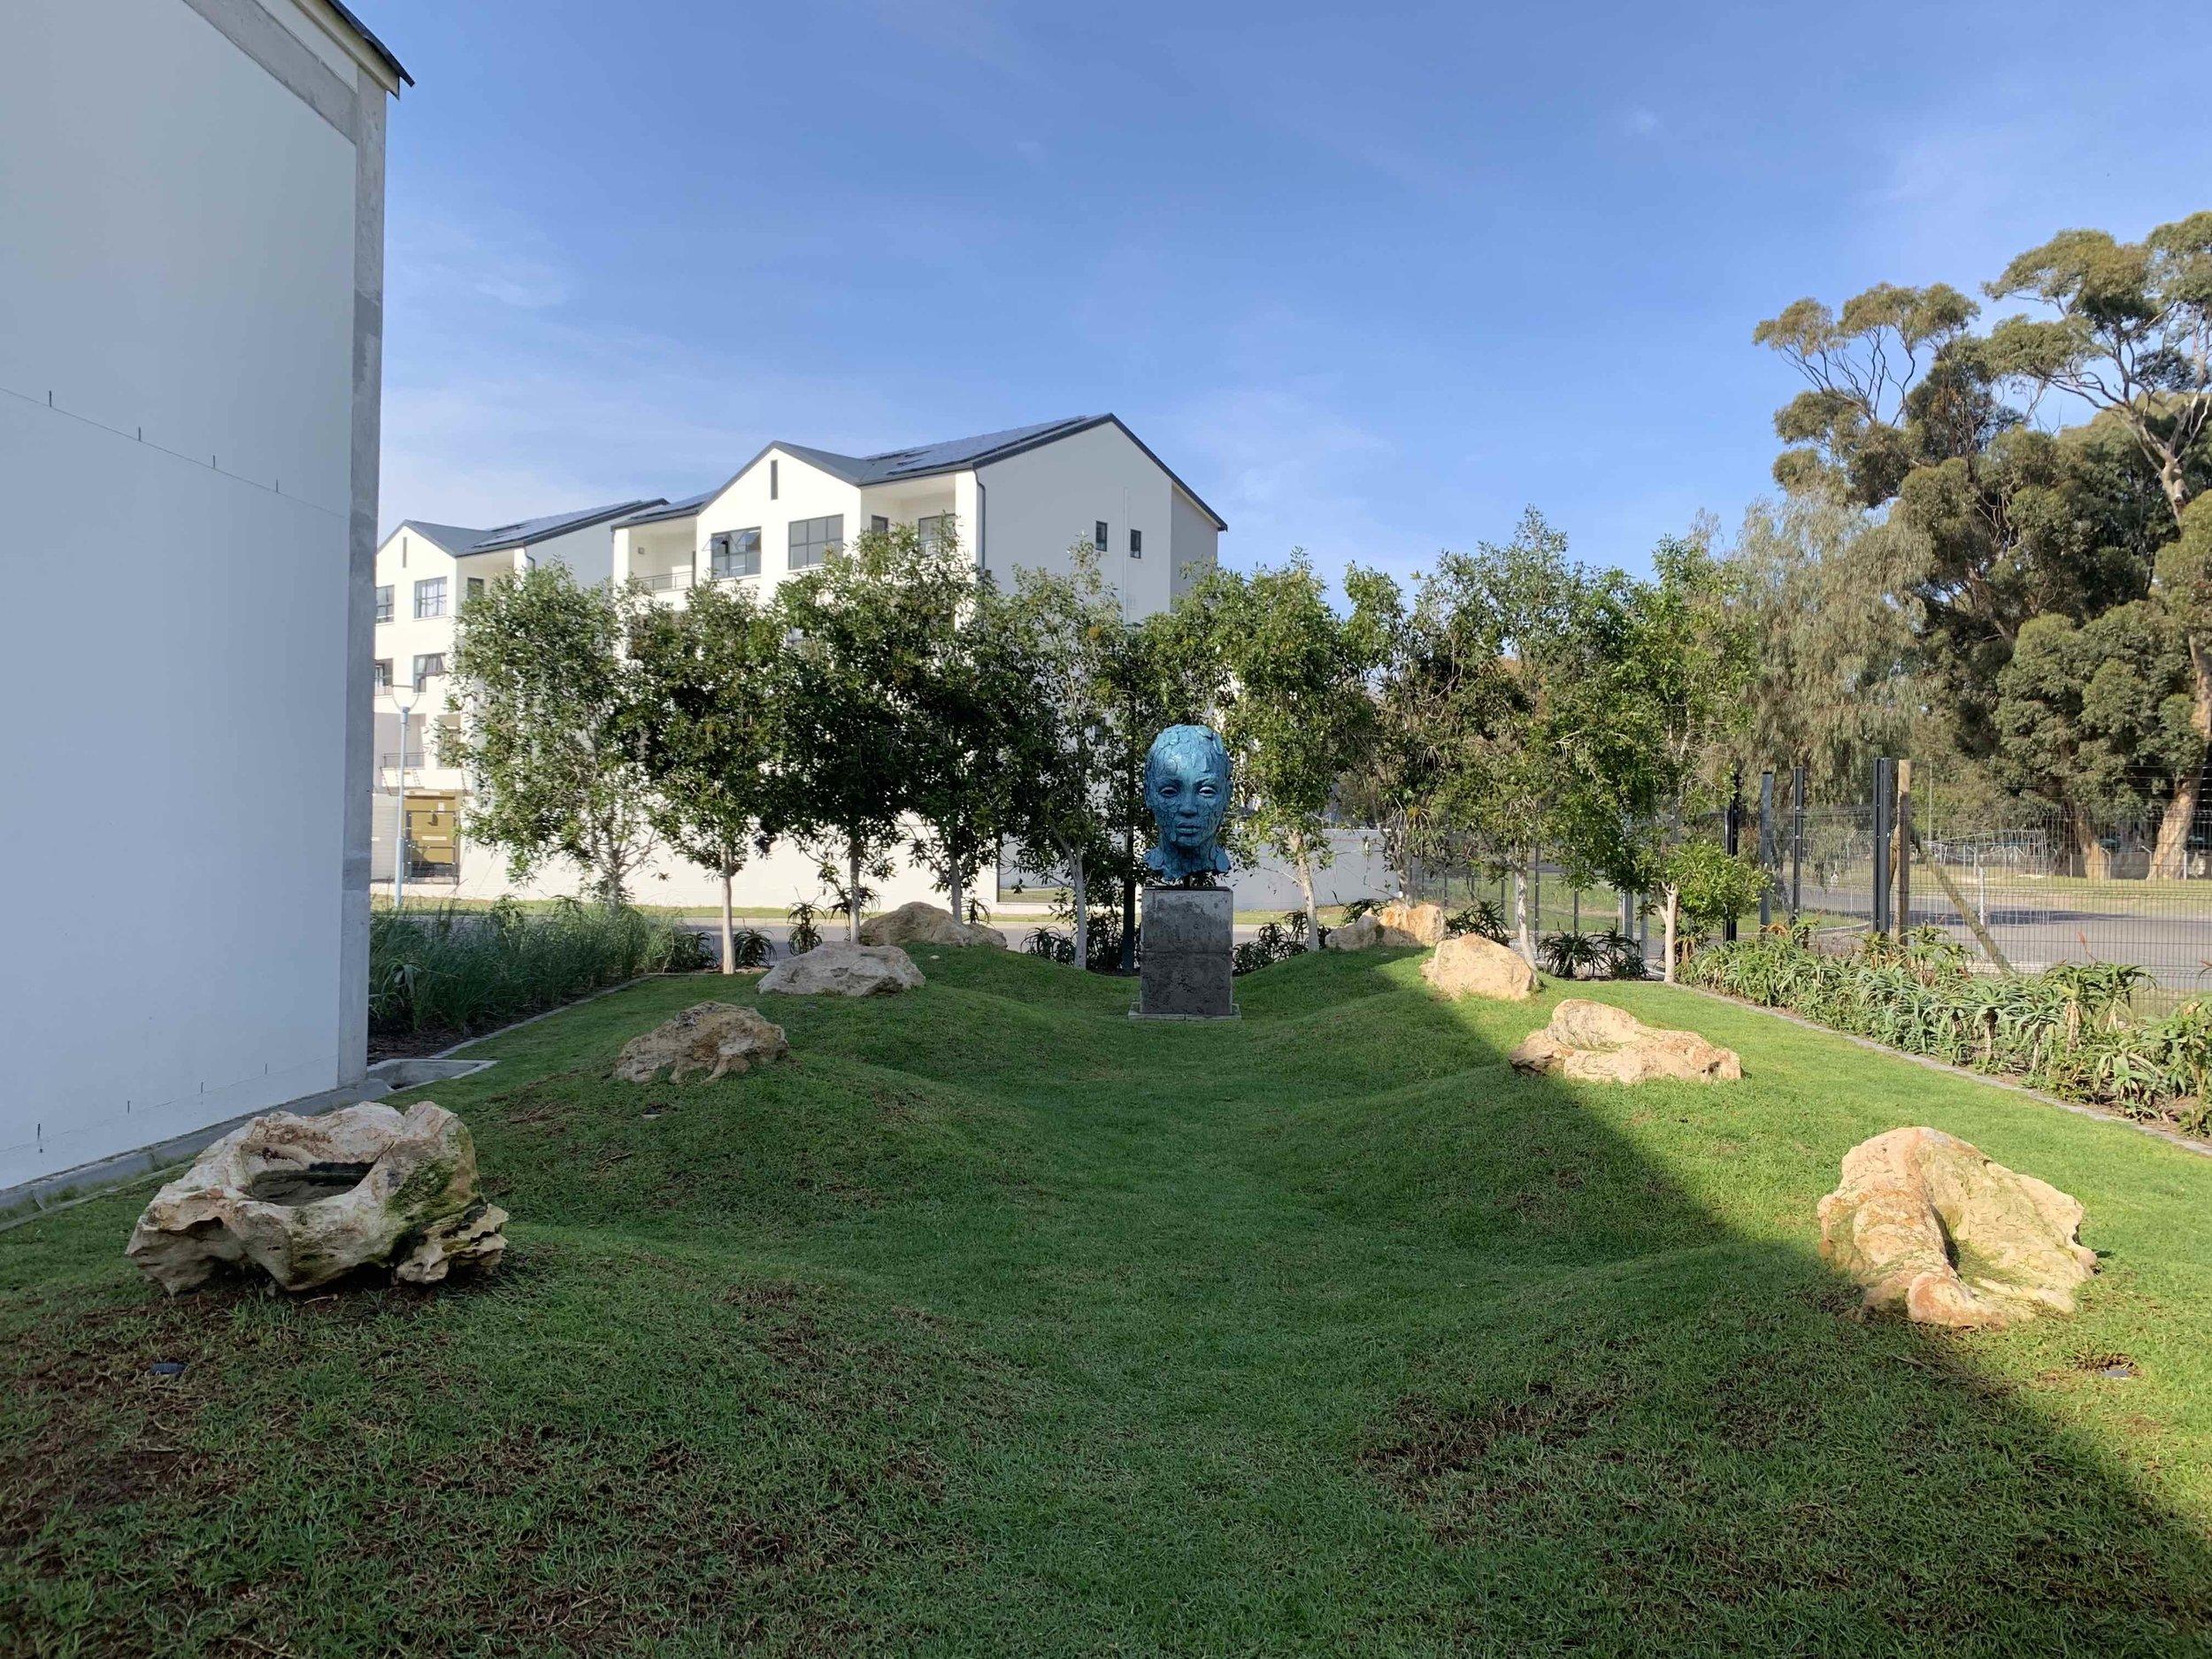 Lionel Smit_Studio_Paardevlei_Cape Town2.jpg